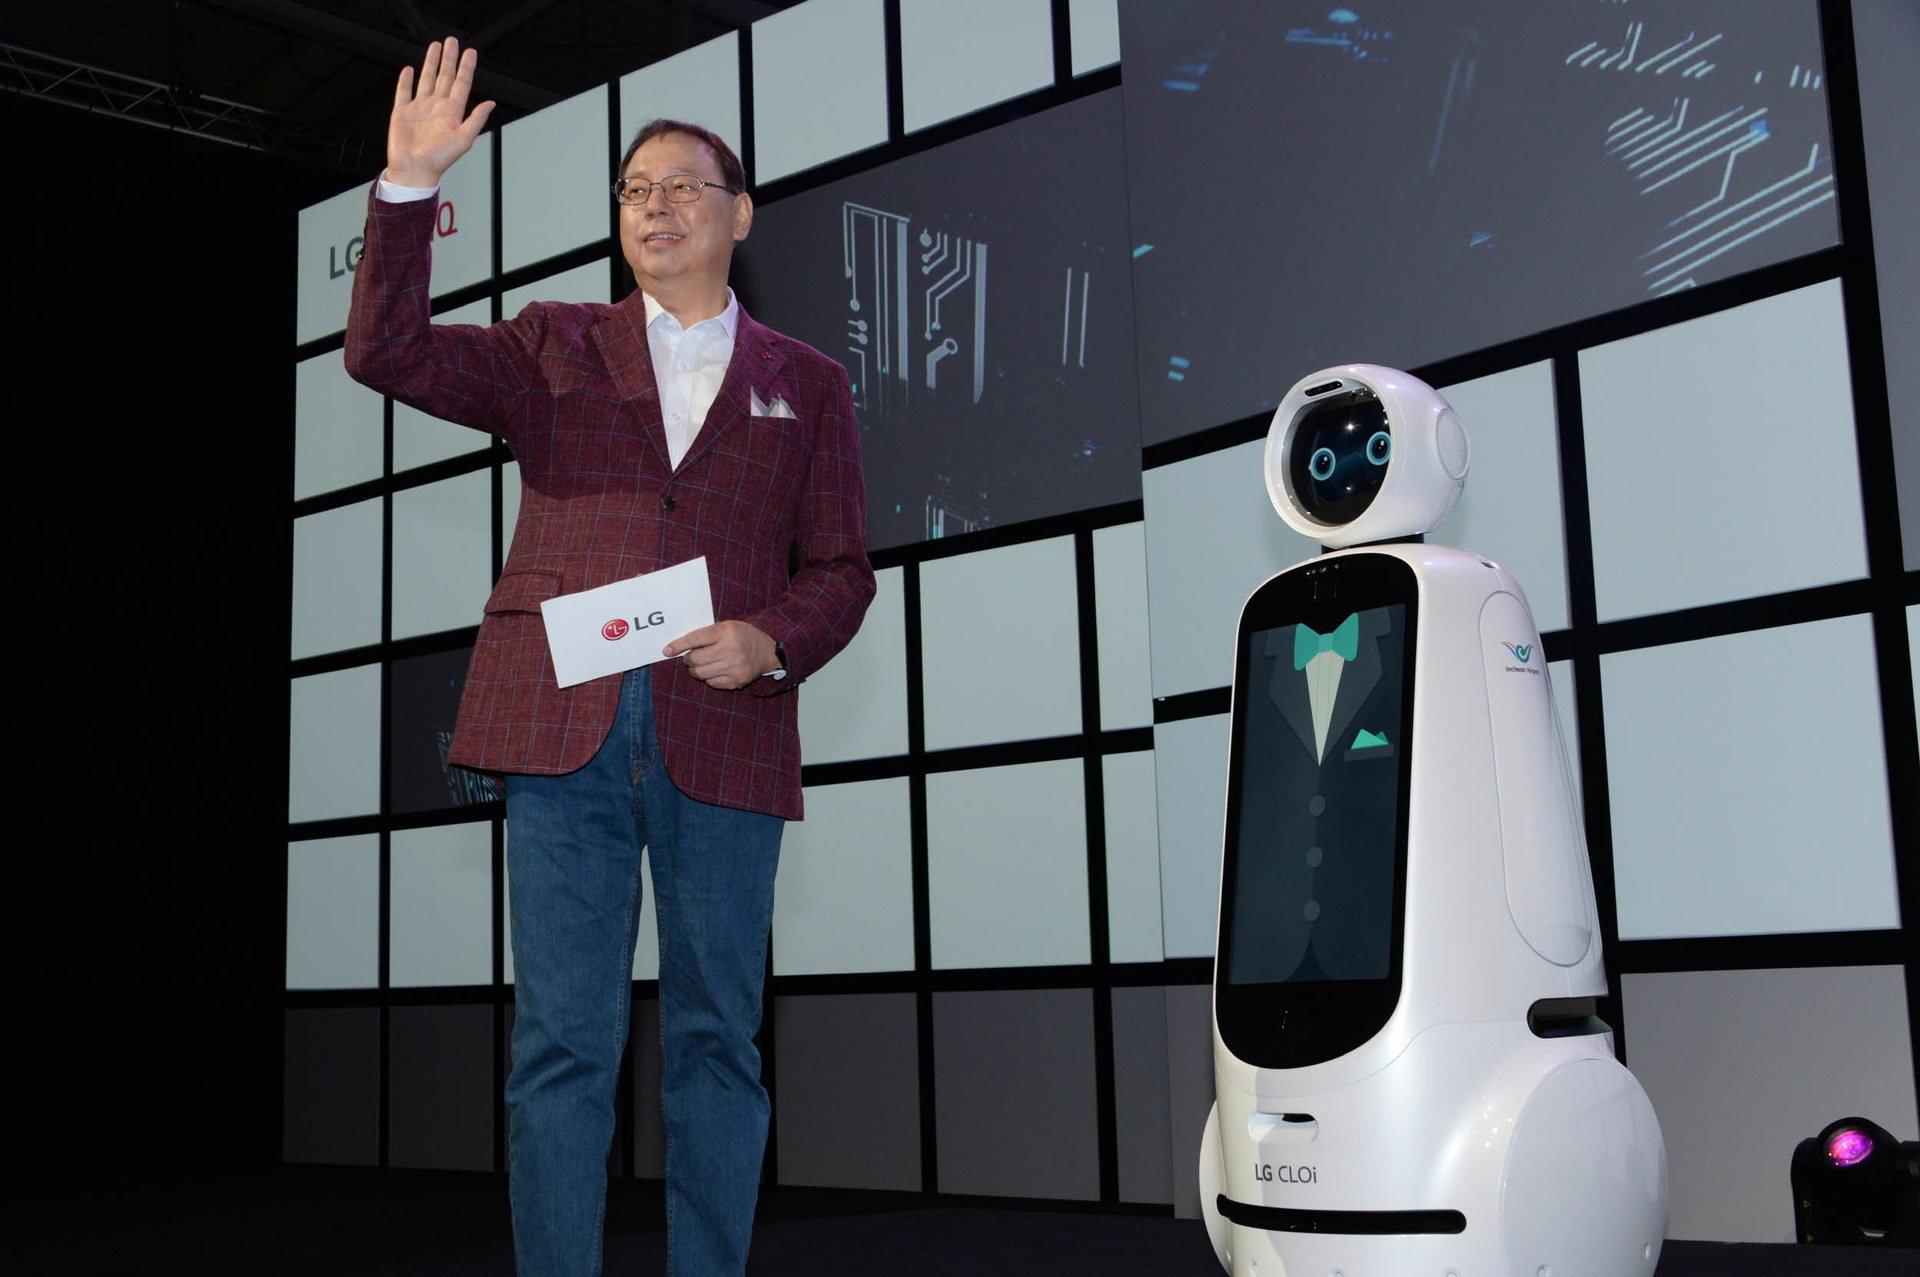 Sztuczna inteligencja, która ułatwia codzienność